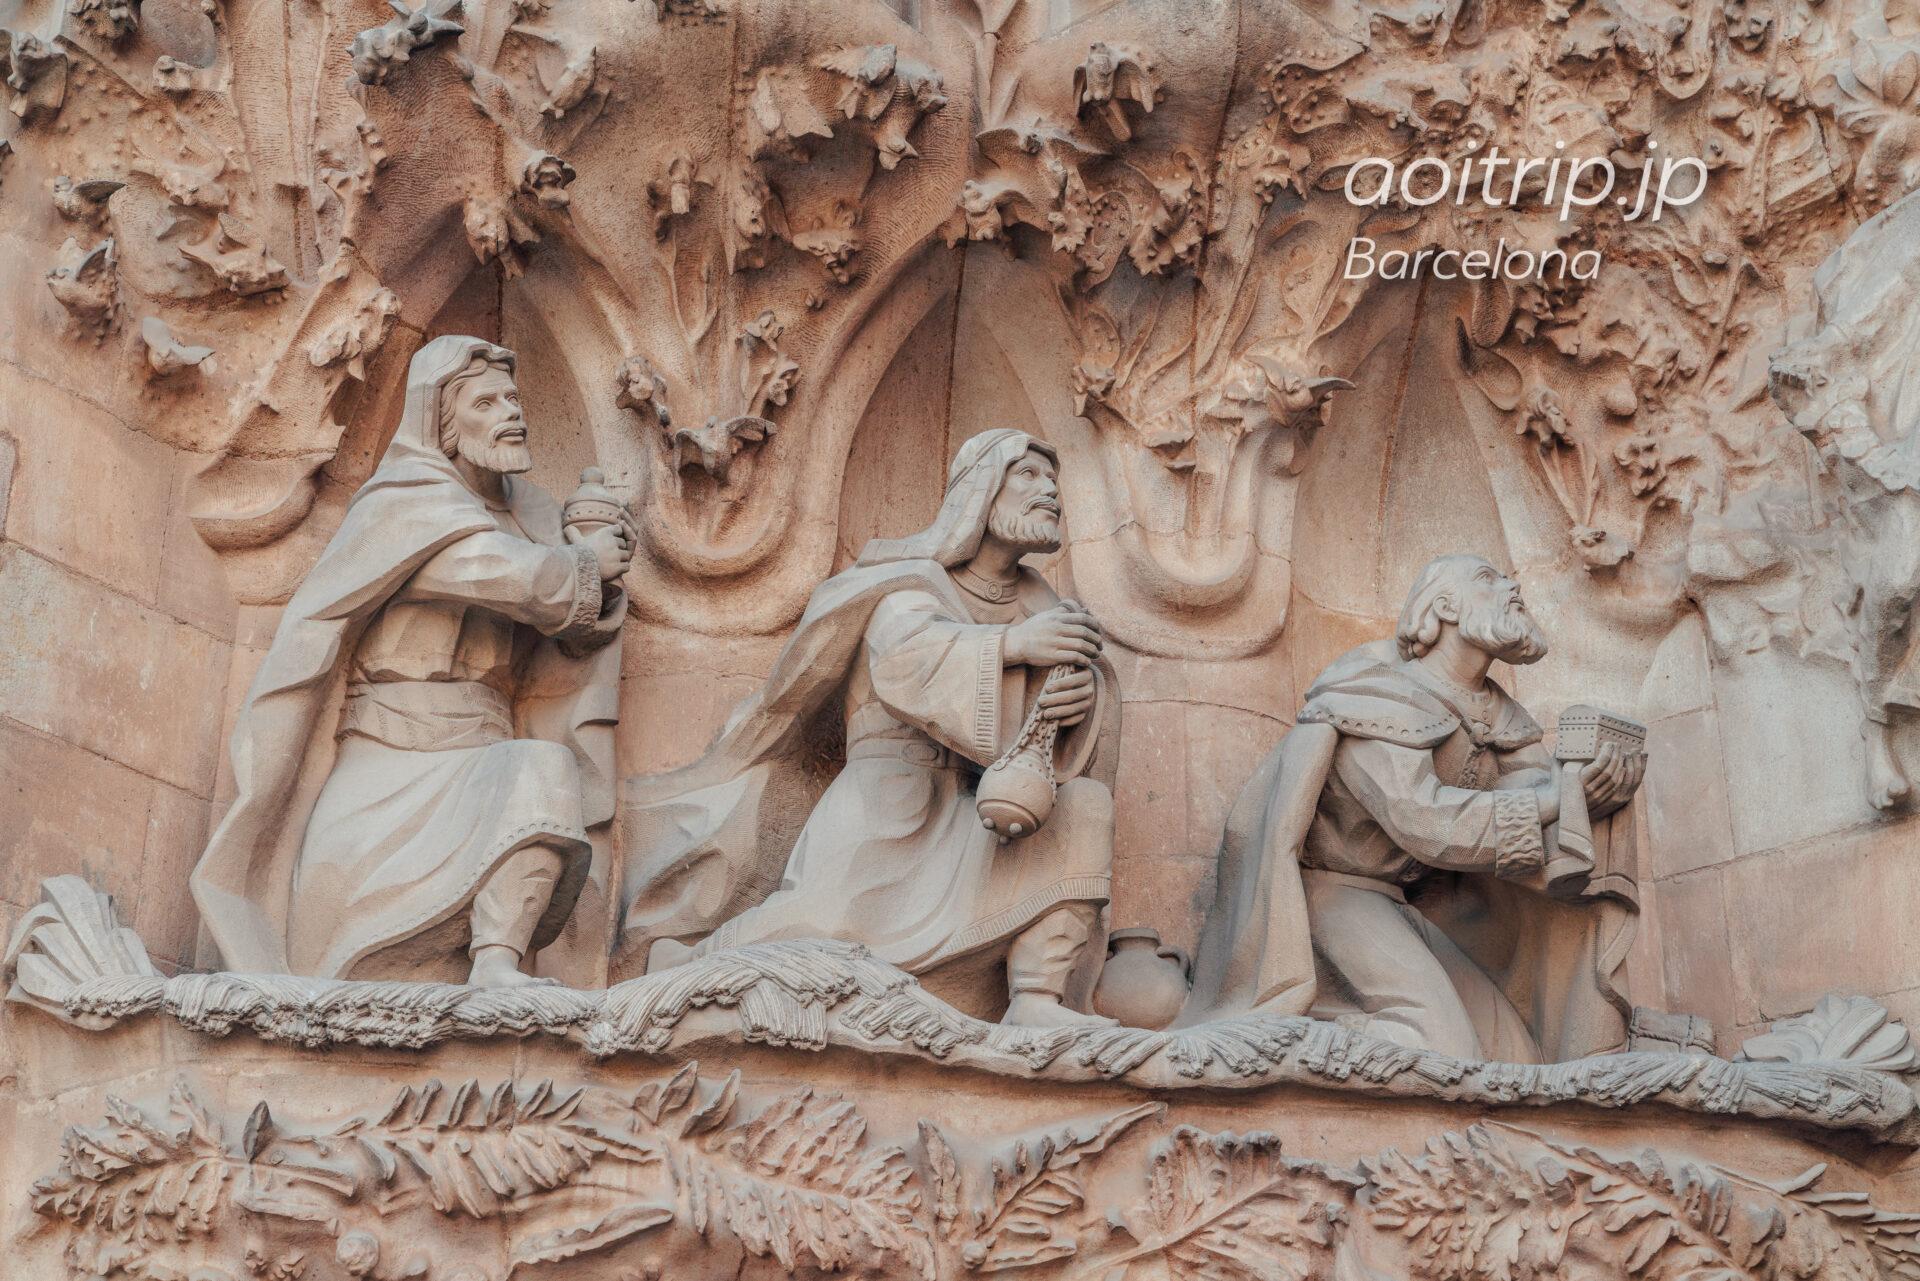 Basílica de la Sagrada Família(Façana del Naixement, The adoration of the Magi)